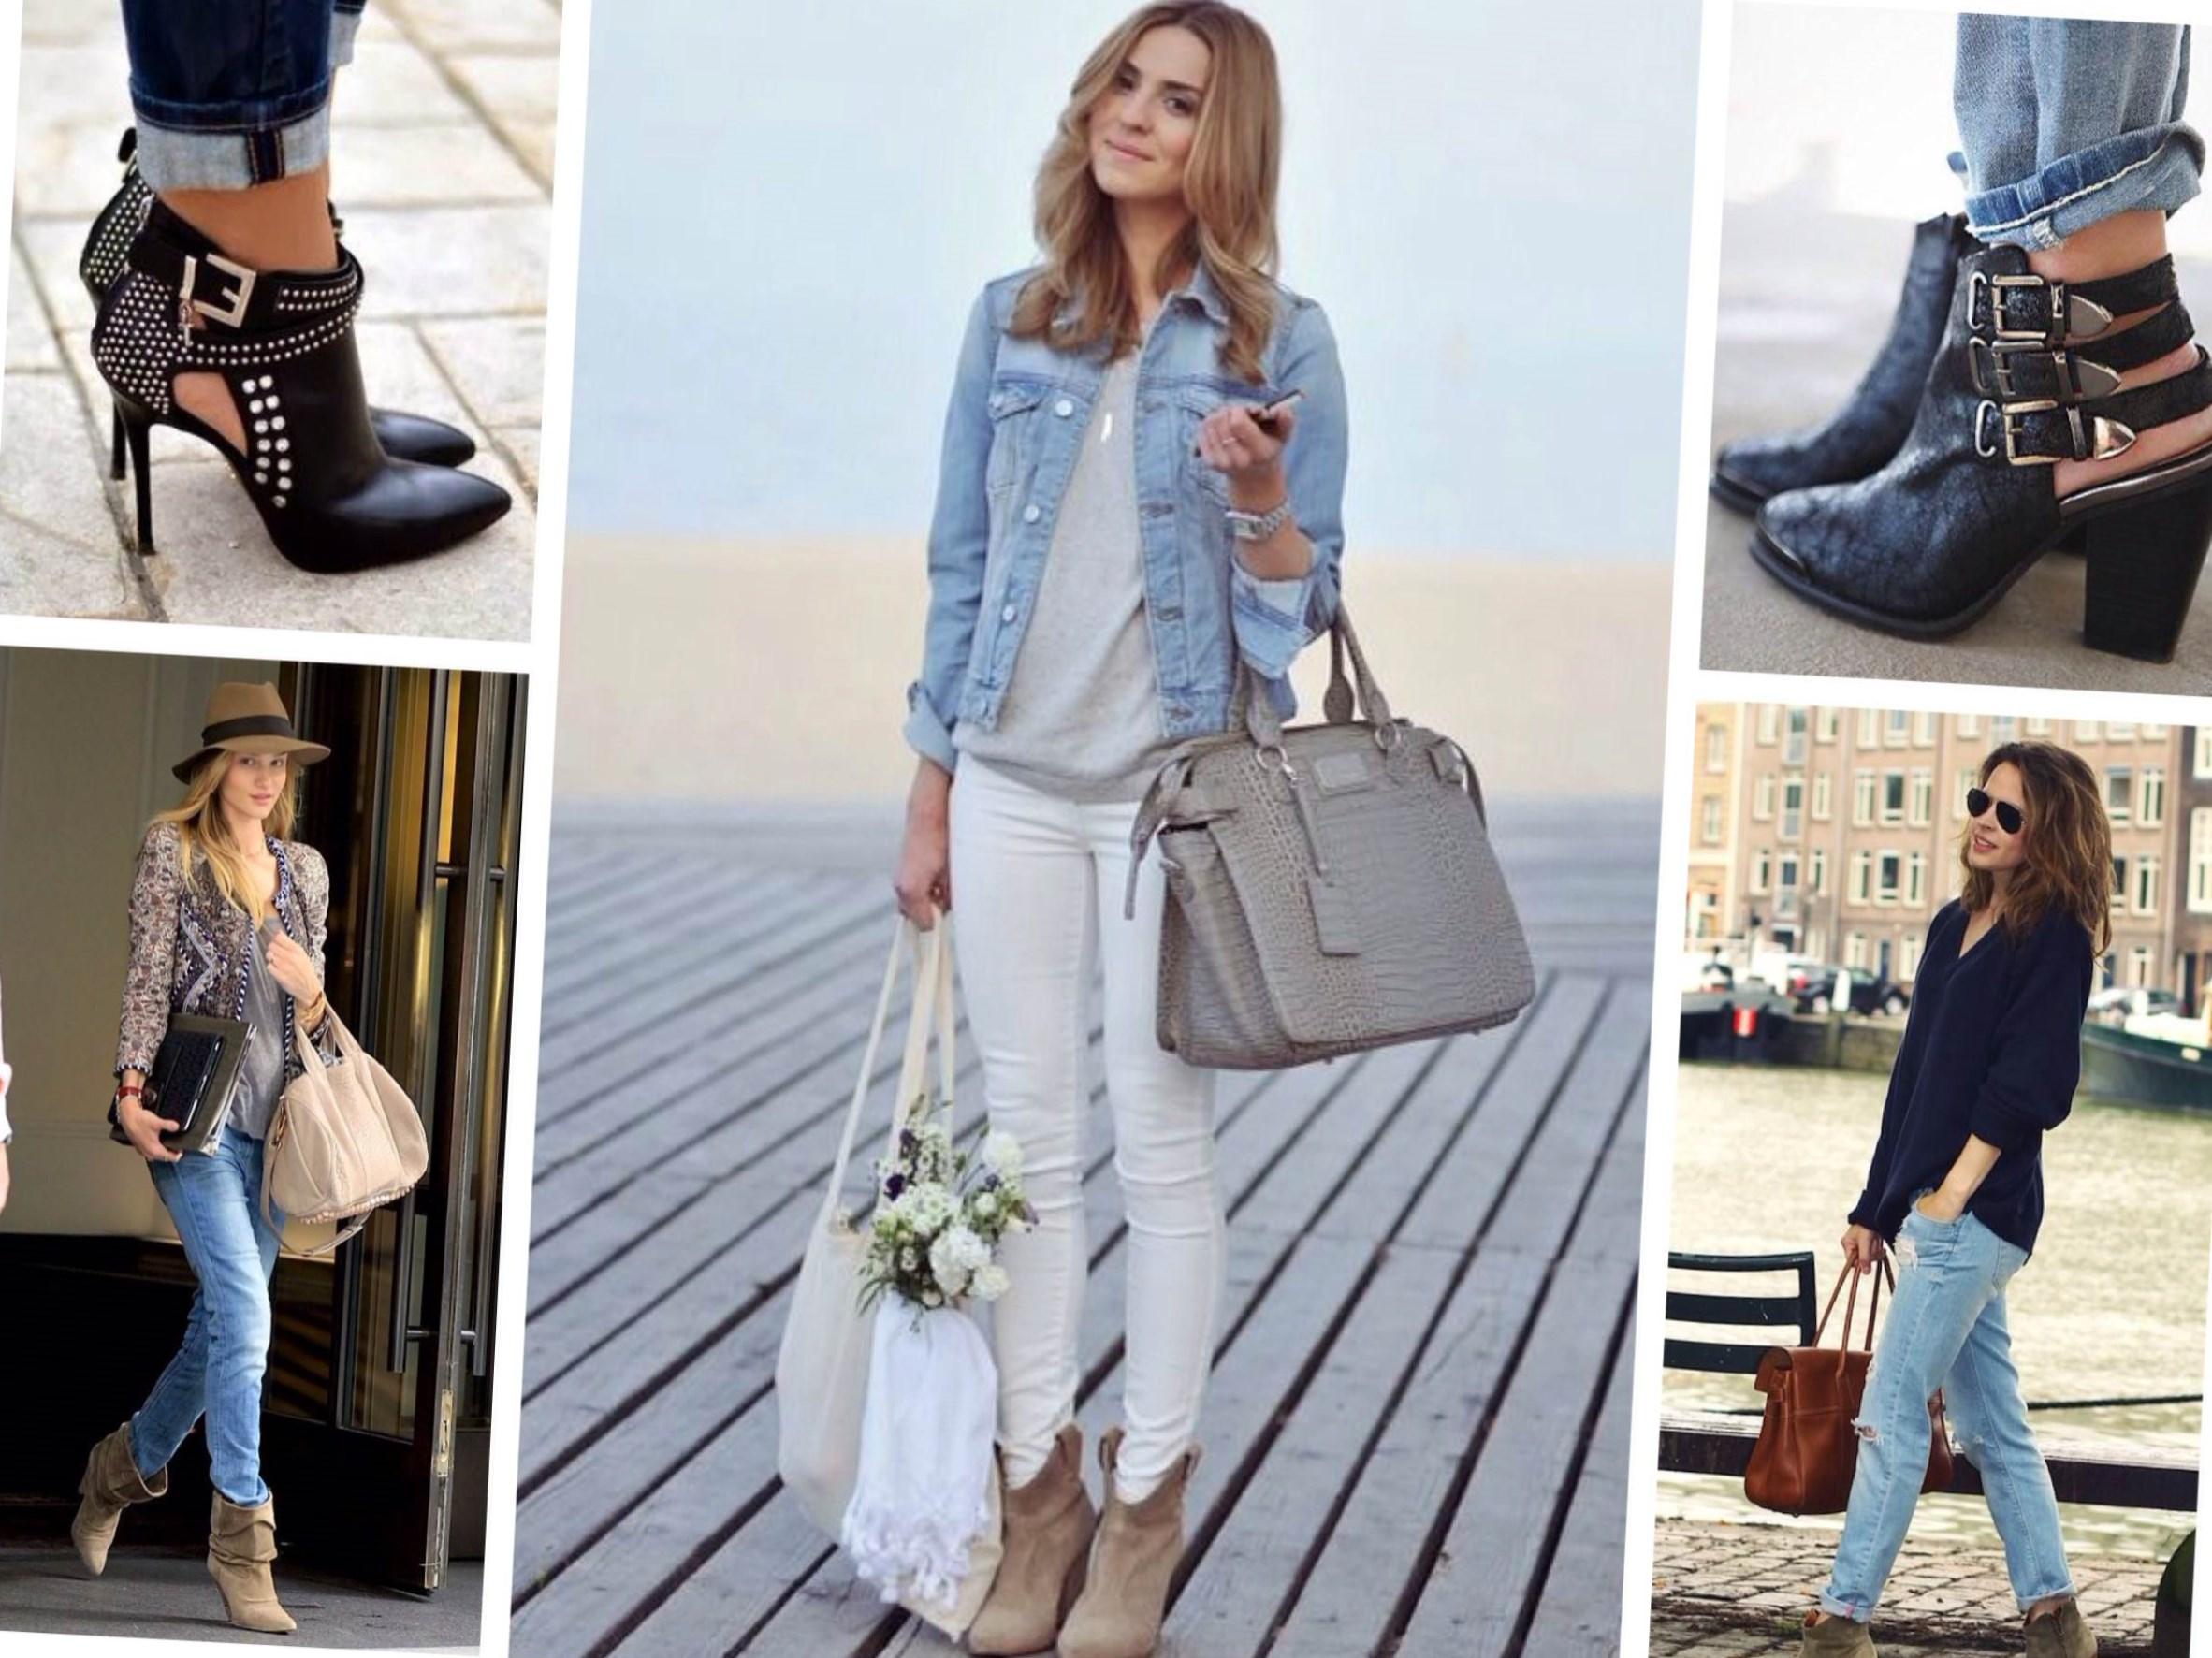 Как подобрать кроссовки к джинсам. Джинсы — довольно универсальный предмет гардероба, чего нельзя сказать о кроссовках. Тем не менее, уличные модники носят джинсы с кроссовками в качестве повседневного варианта для прогулок и походов по магазинам.